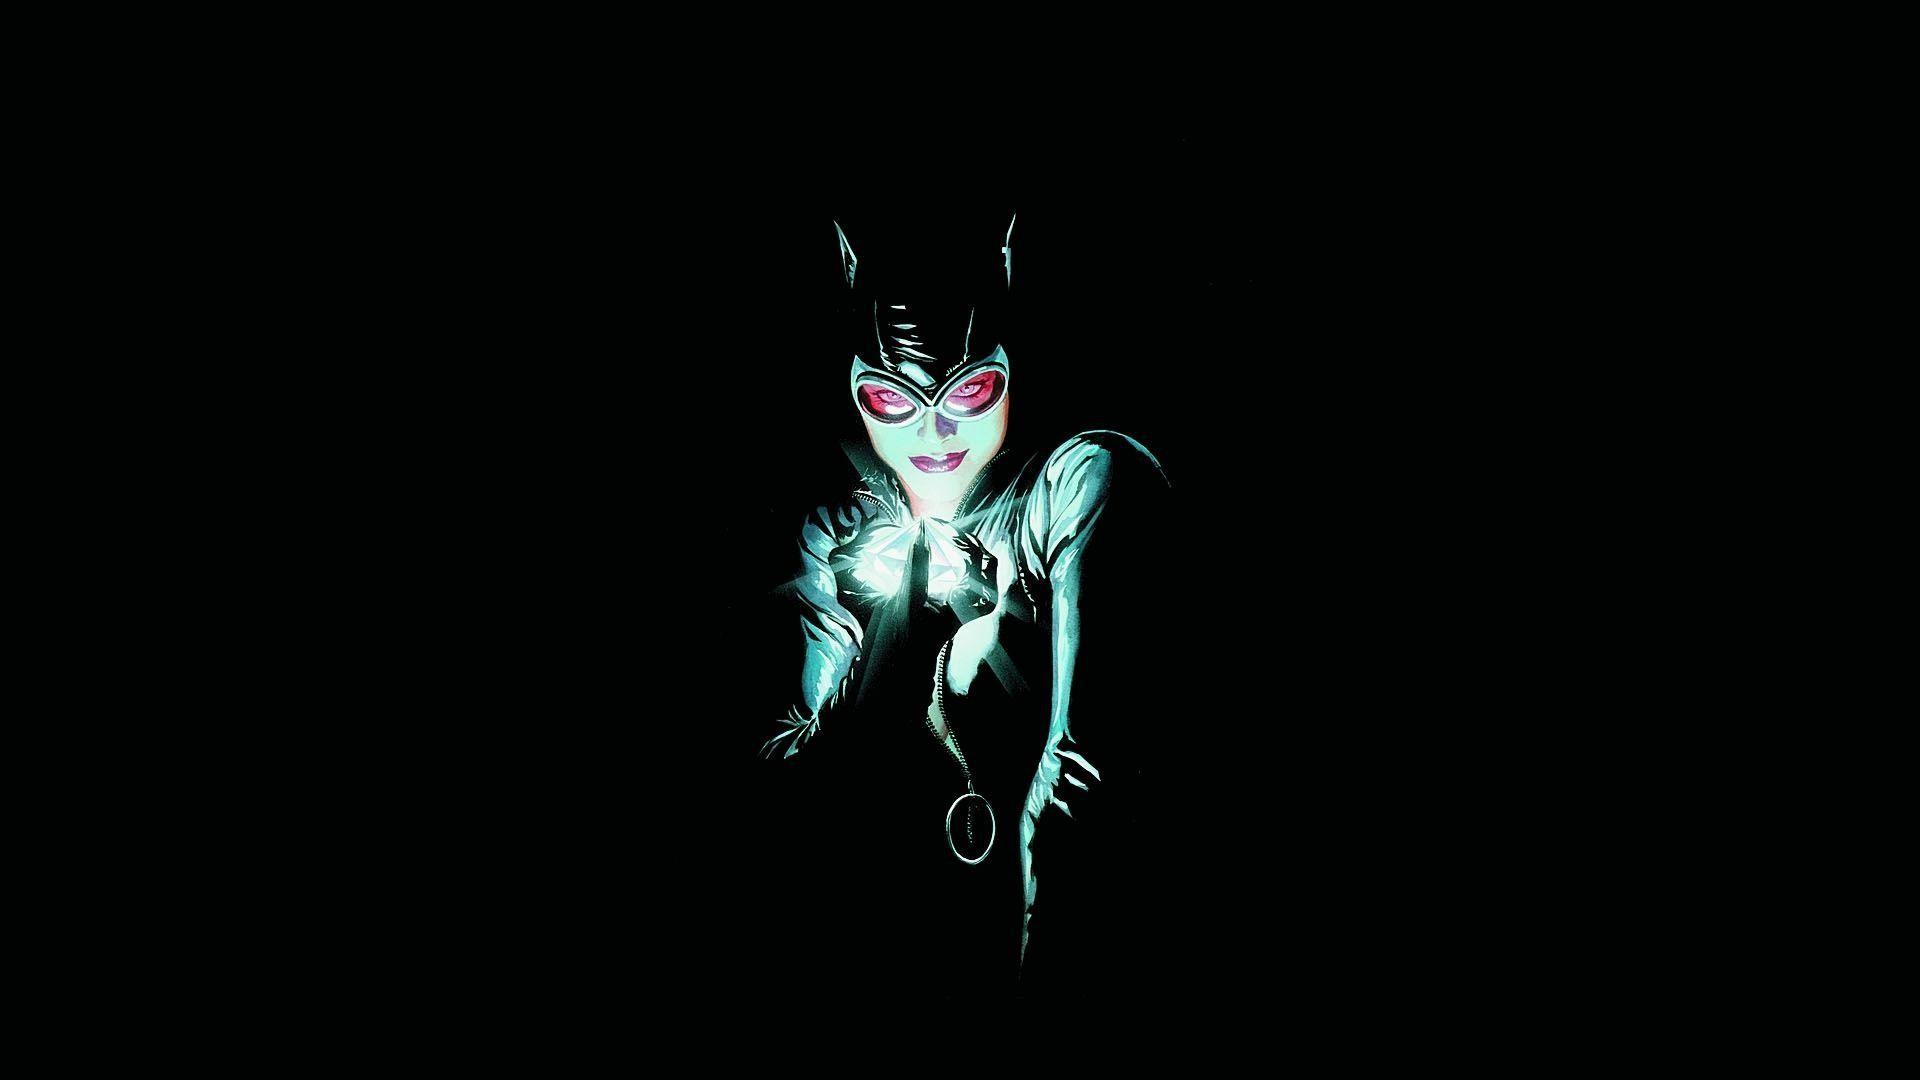 wallpaper.wiki-HD-Catwoman-Wallpaper-PIC-WPC001444